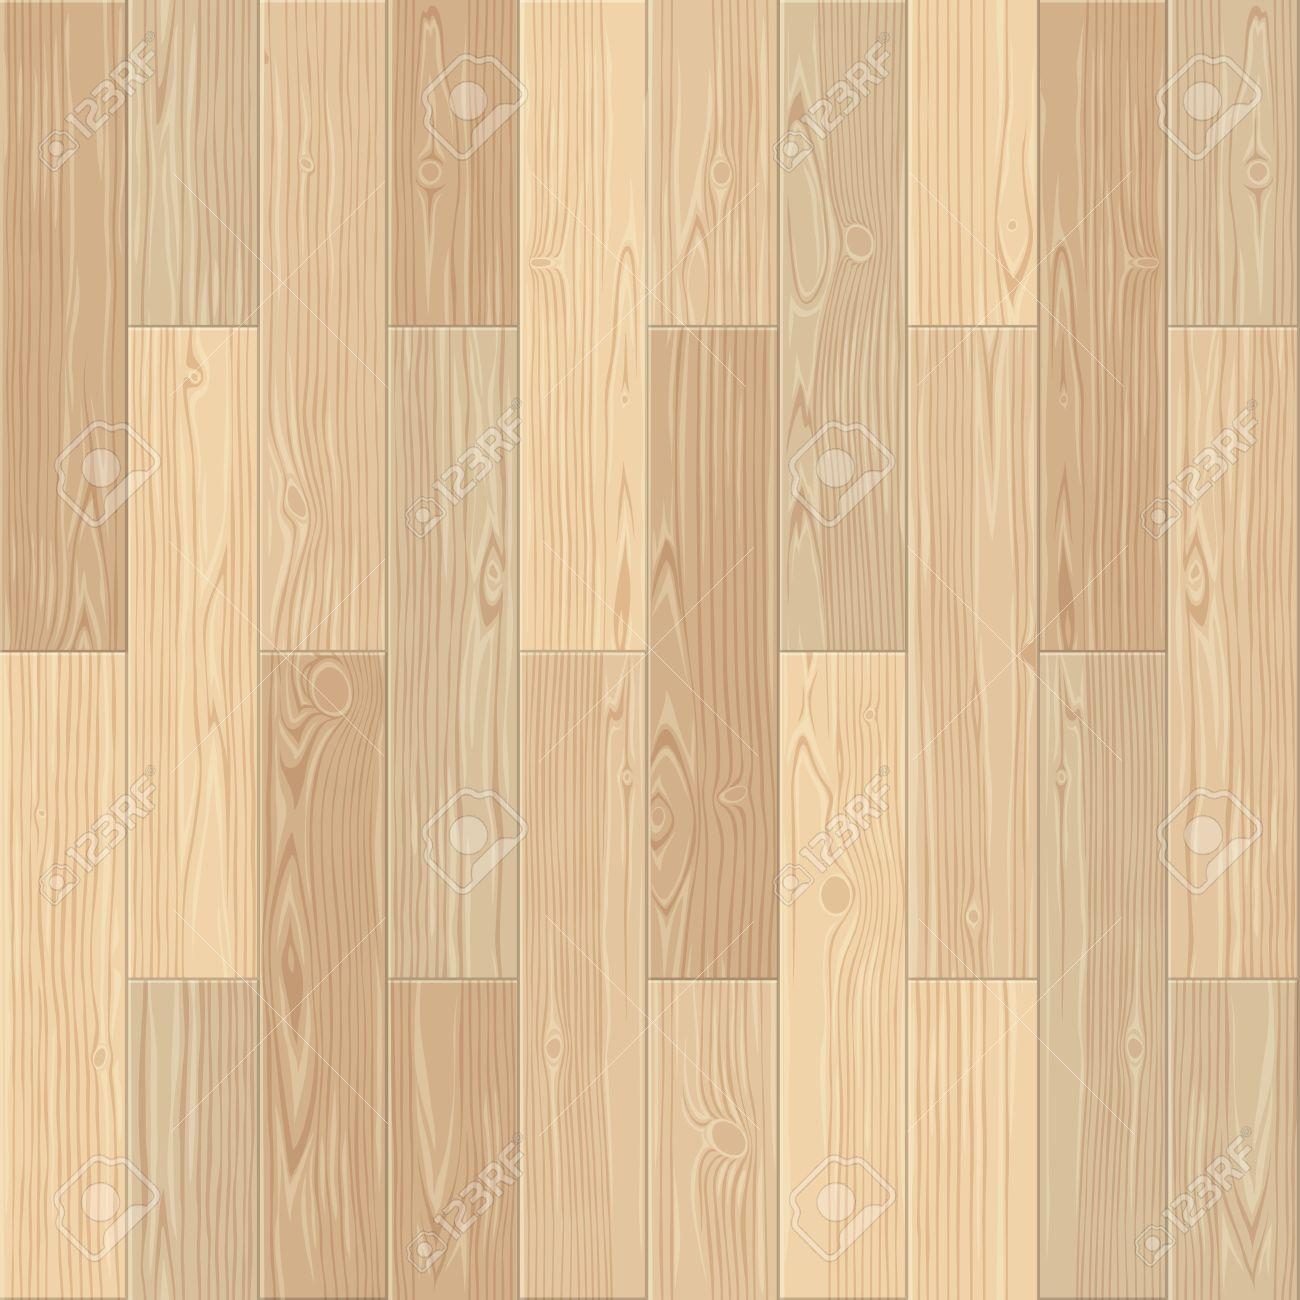 Parquet Chiaro Senza Soluzione Di Continuità Floor Texture Clipart